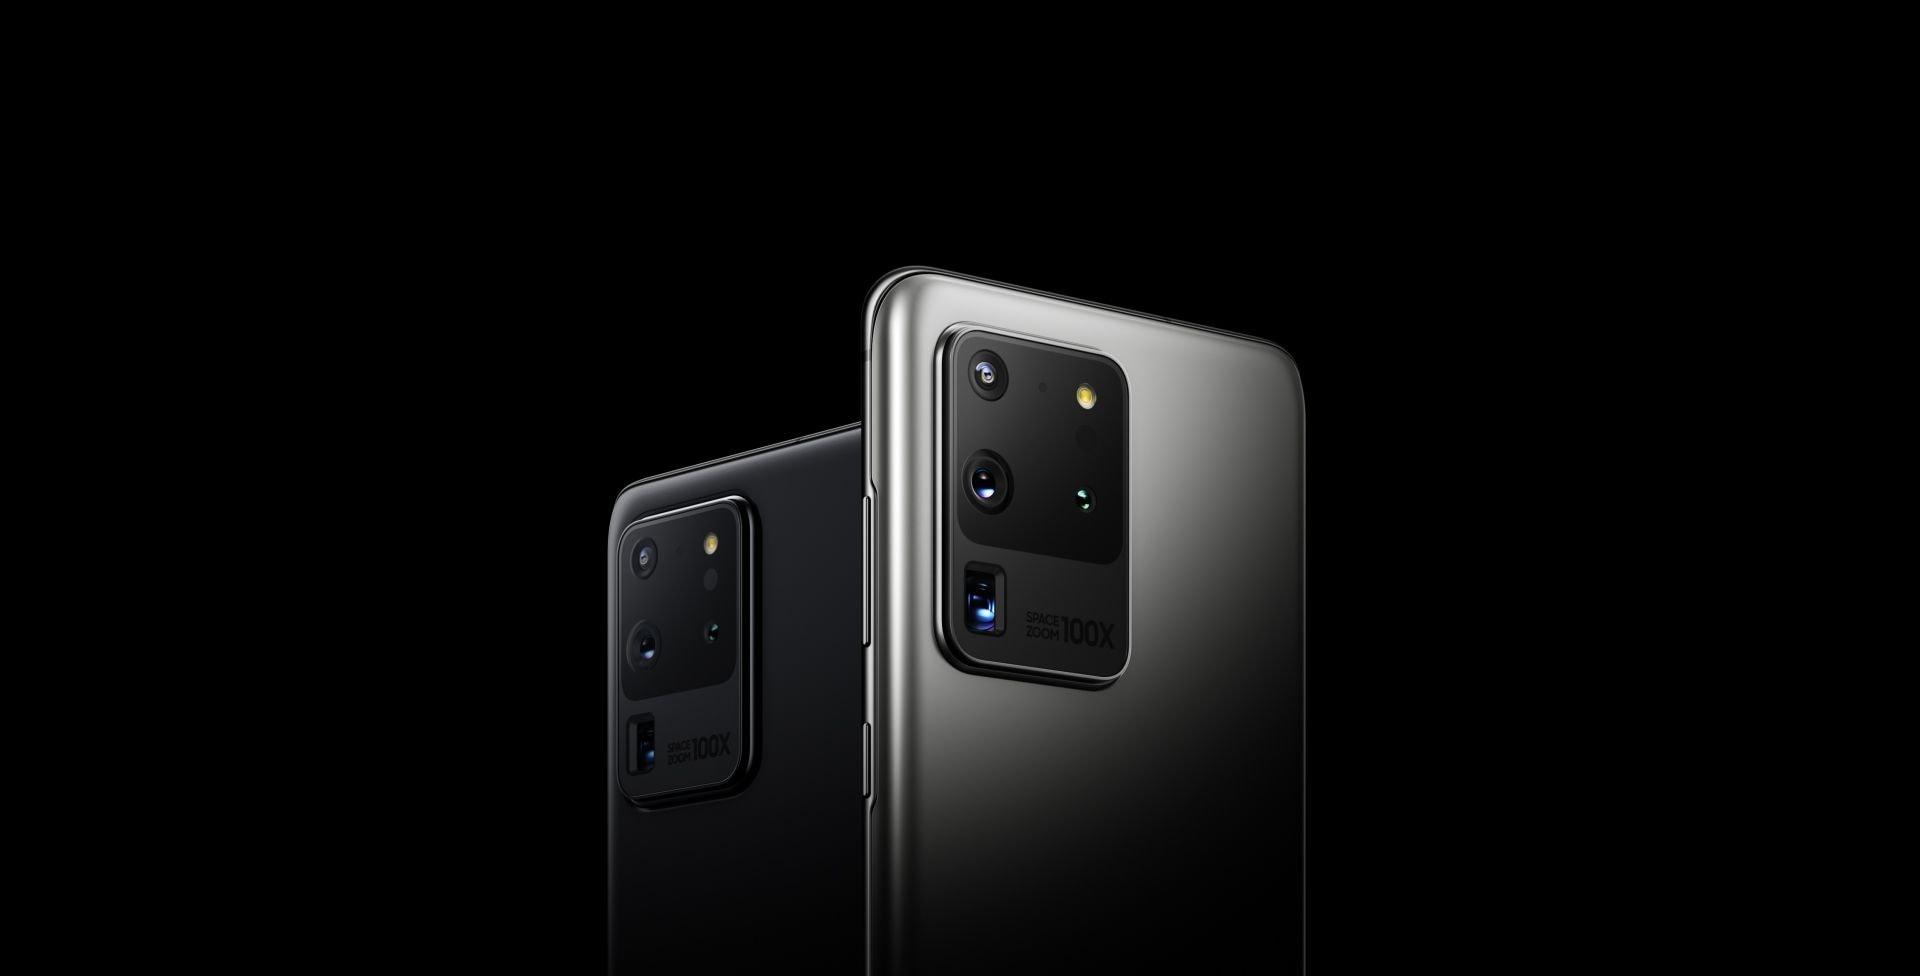 Dos Smartphones Galaxy S20 Ultra, vistos desde atrás en ángulos de tres cuartos. Giran uno hacia el otro y uno desaparece detrás del otro, por lo que uno se ve desde la parte trasera directamente. El blanco se acerca hasta que lo único que se puede ver es la cámara cuádruple trasera.